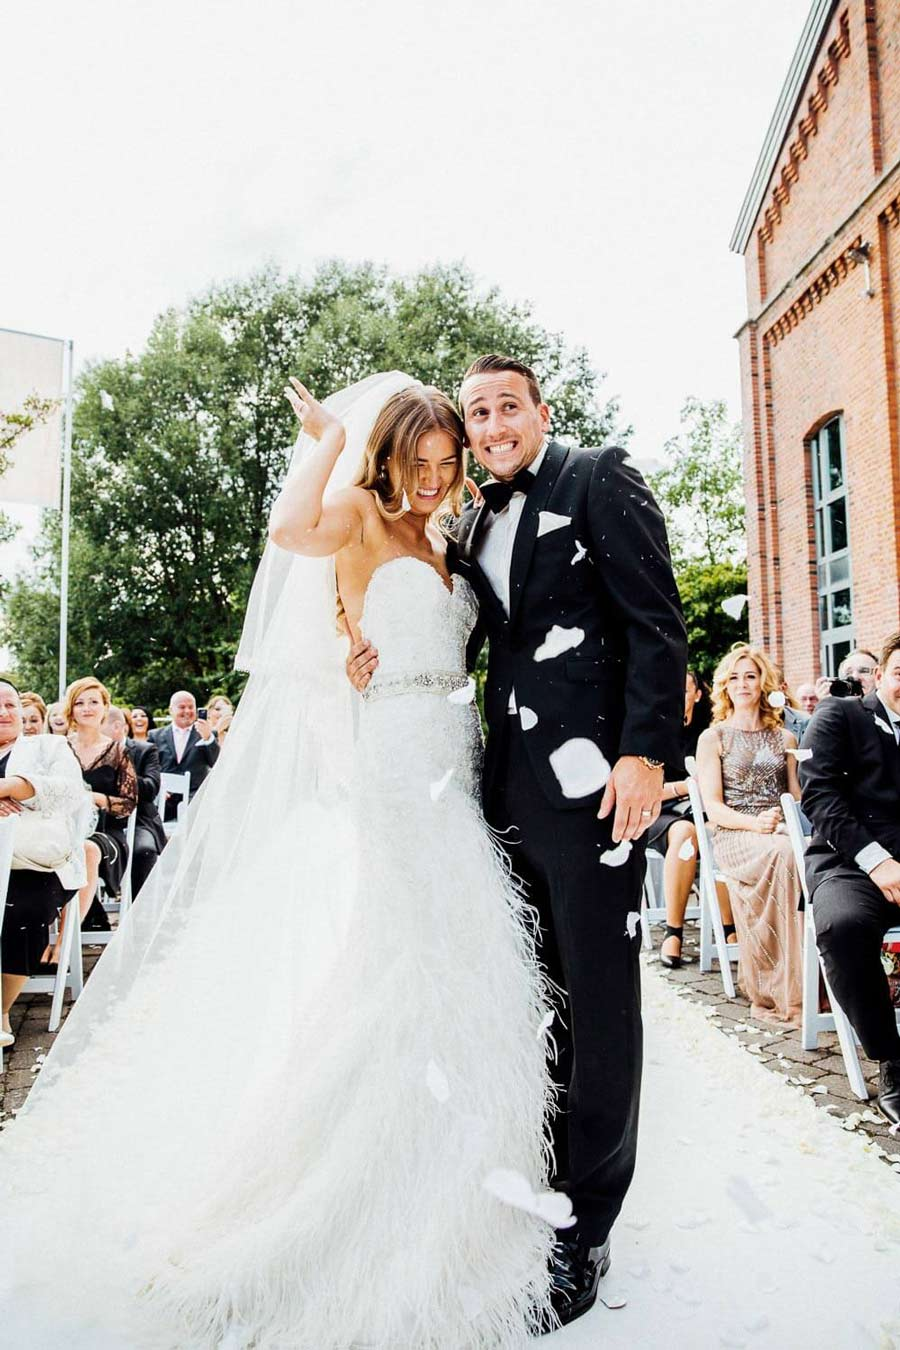 Strahlende Momente von Braut und Bräutigam hochzeitsfotografie hannover